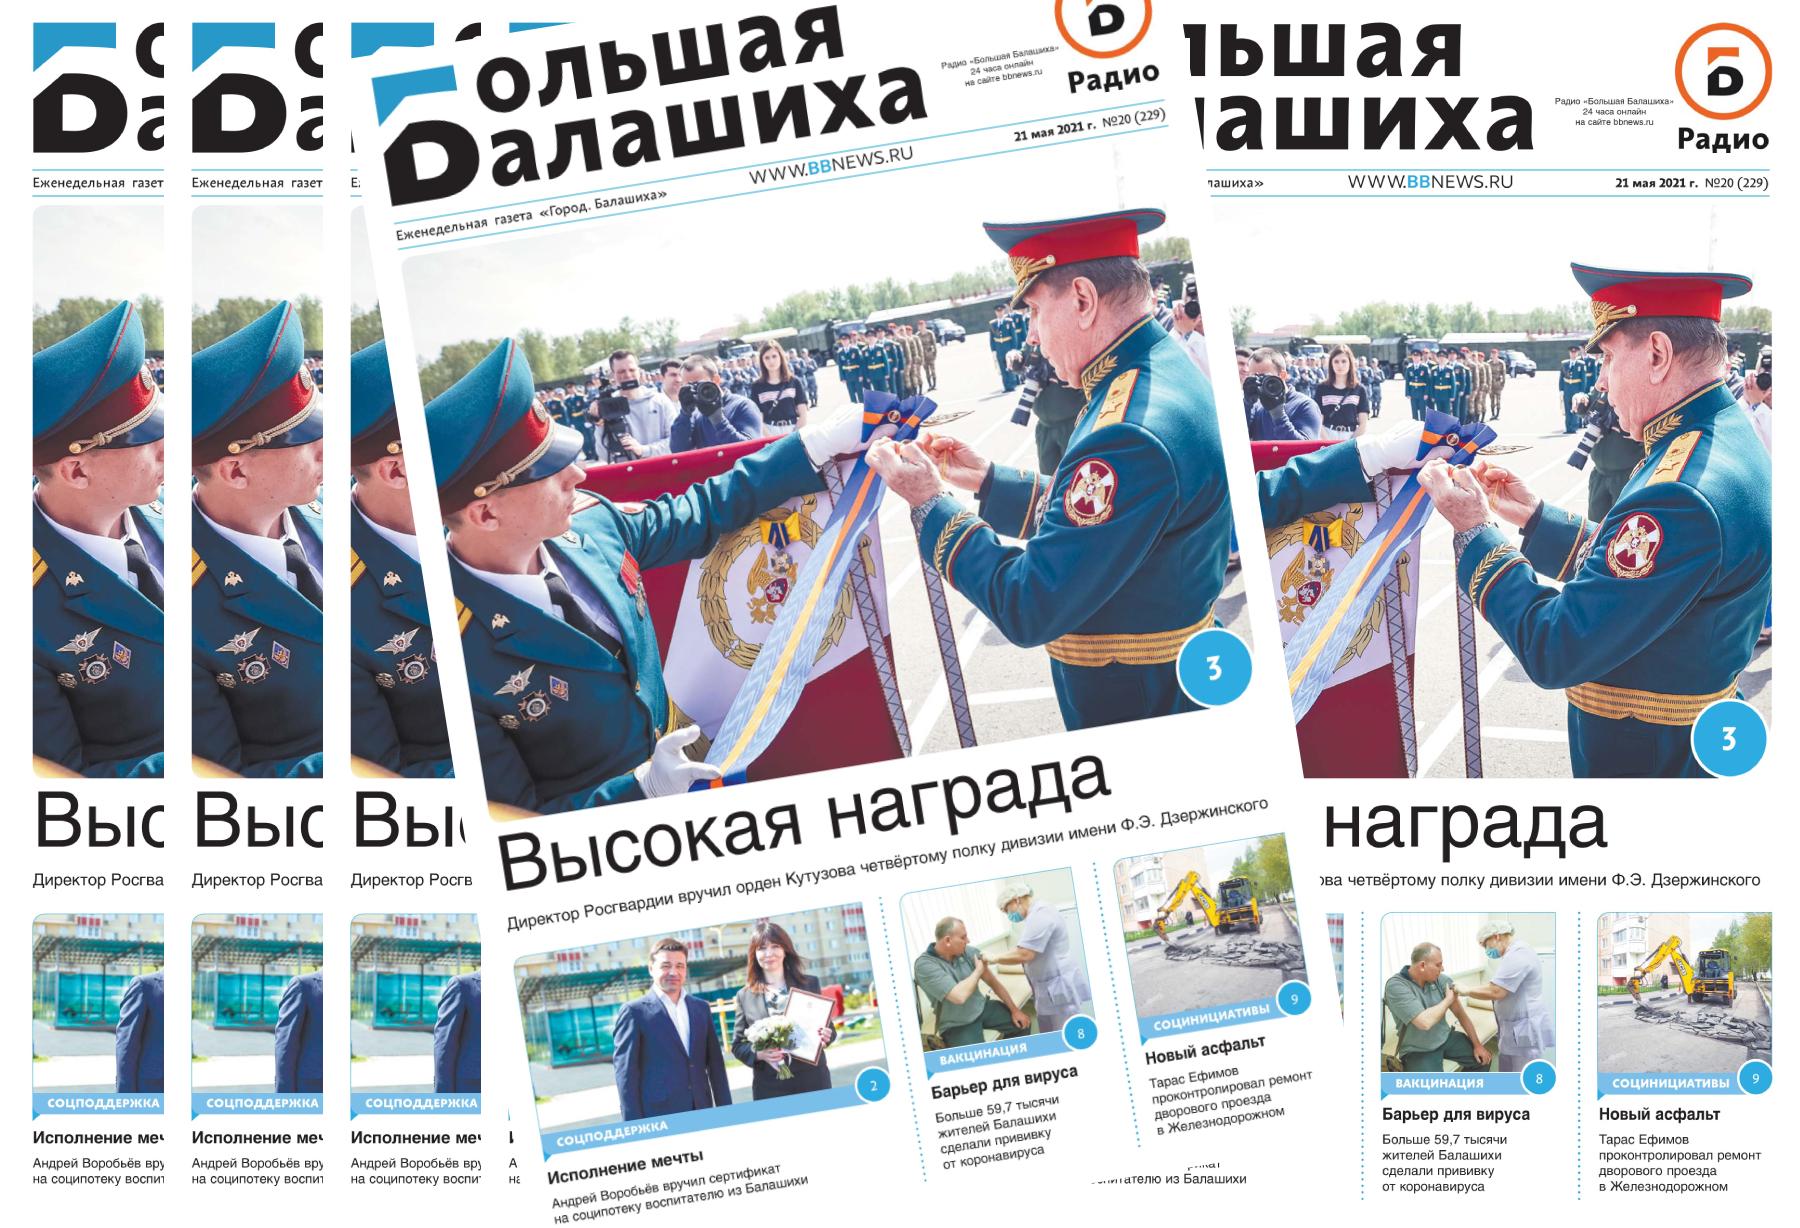 Вышла газета «Город Балашиха» №20 (229)